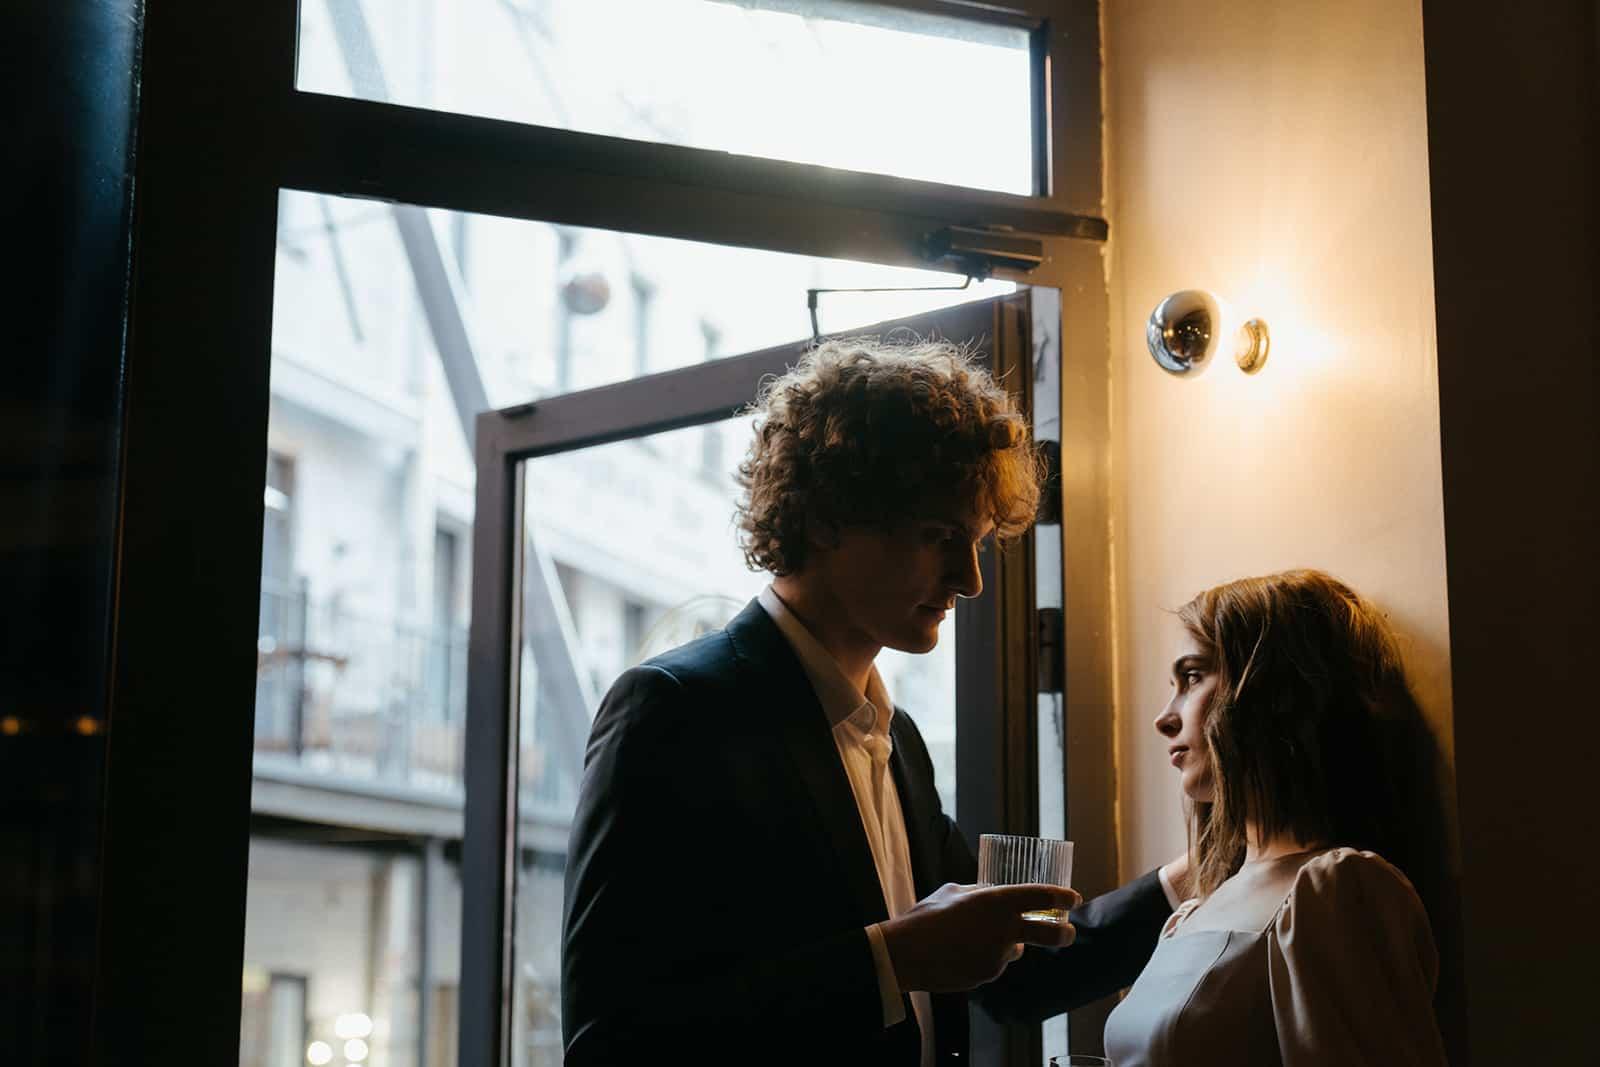 Ein Mann und eine Frau flirten, während sie in der Nähe der Glastür standen